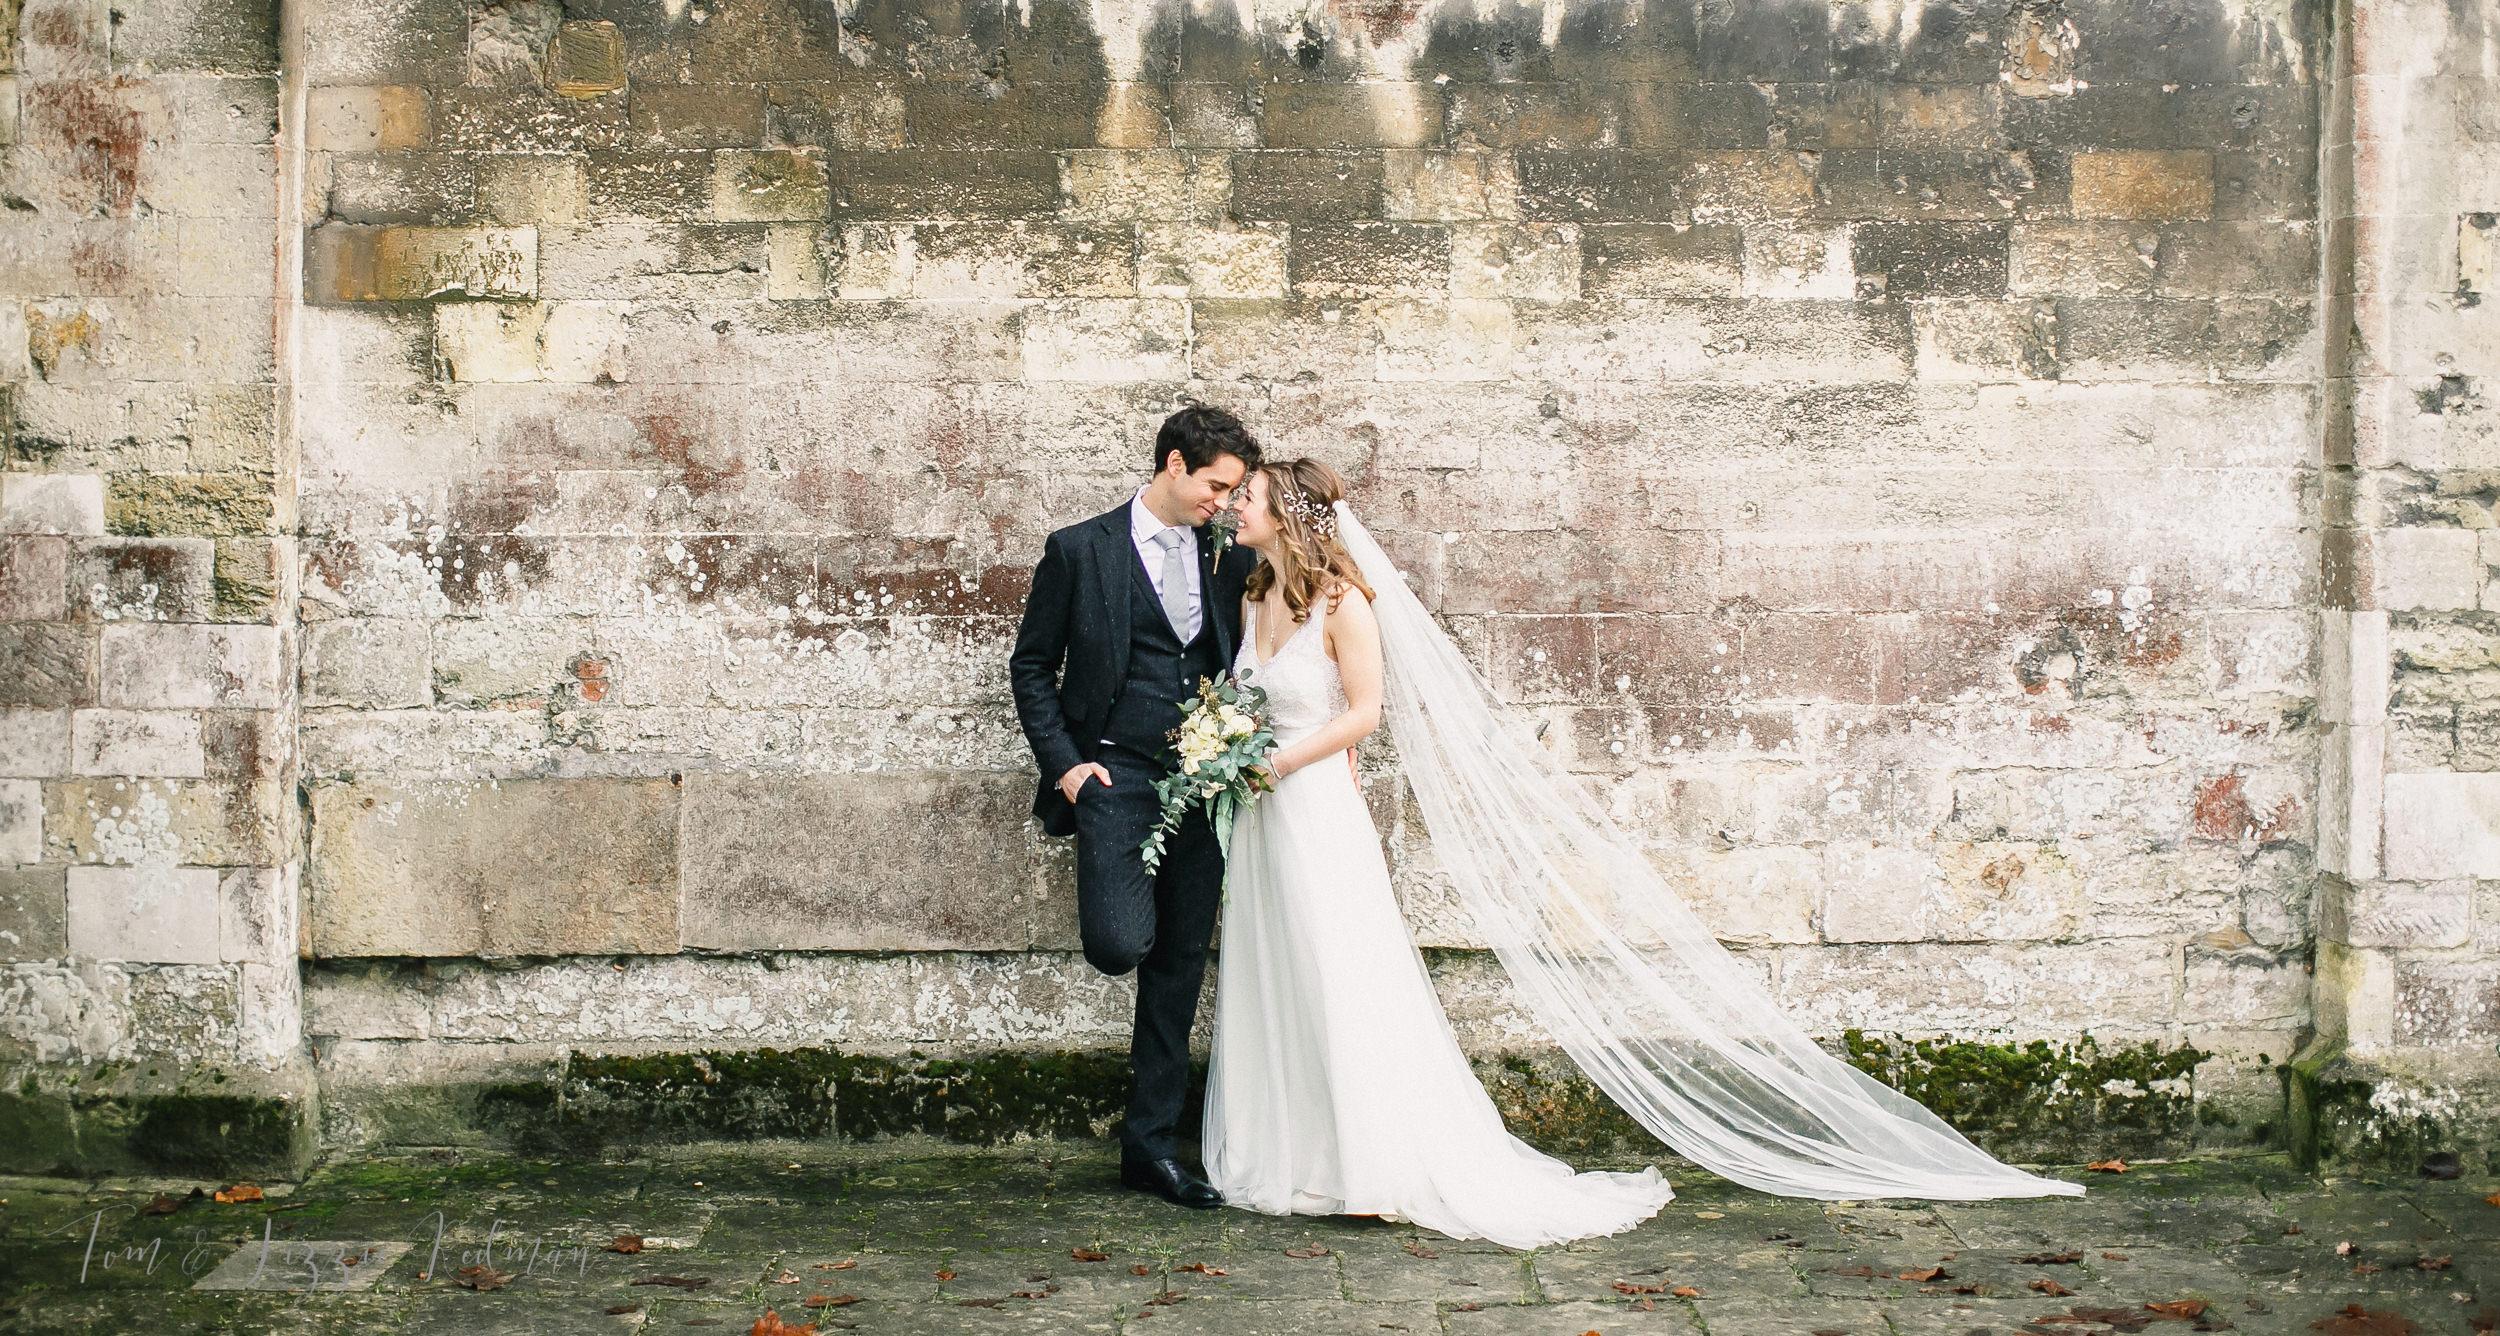 Romsey Abbey Weddings